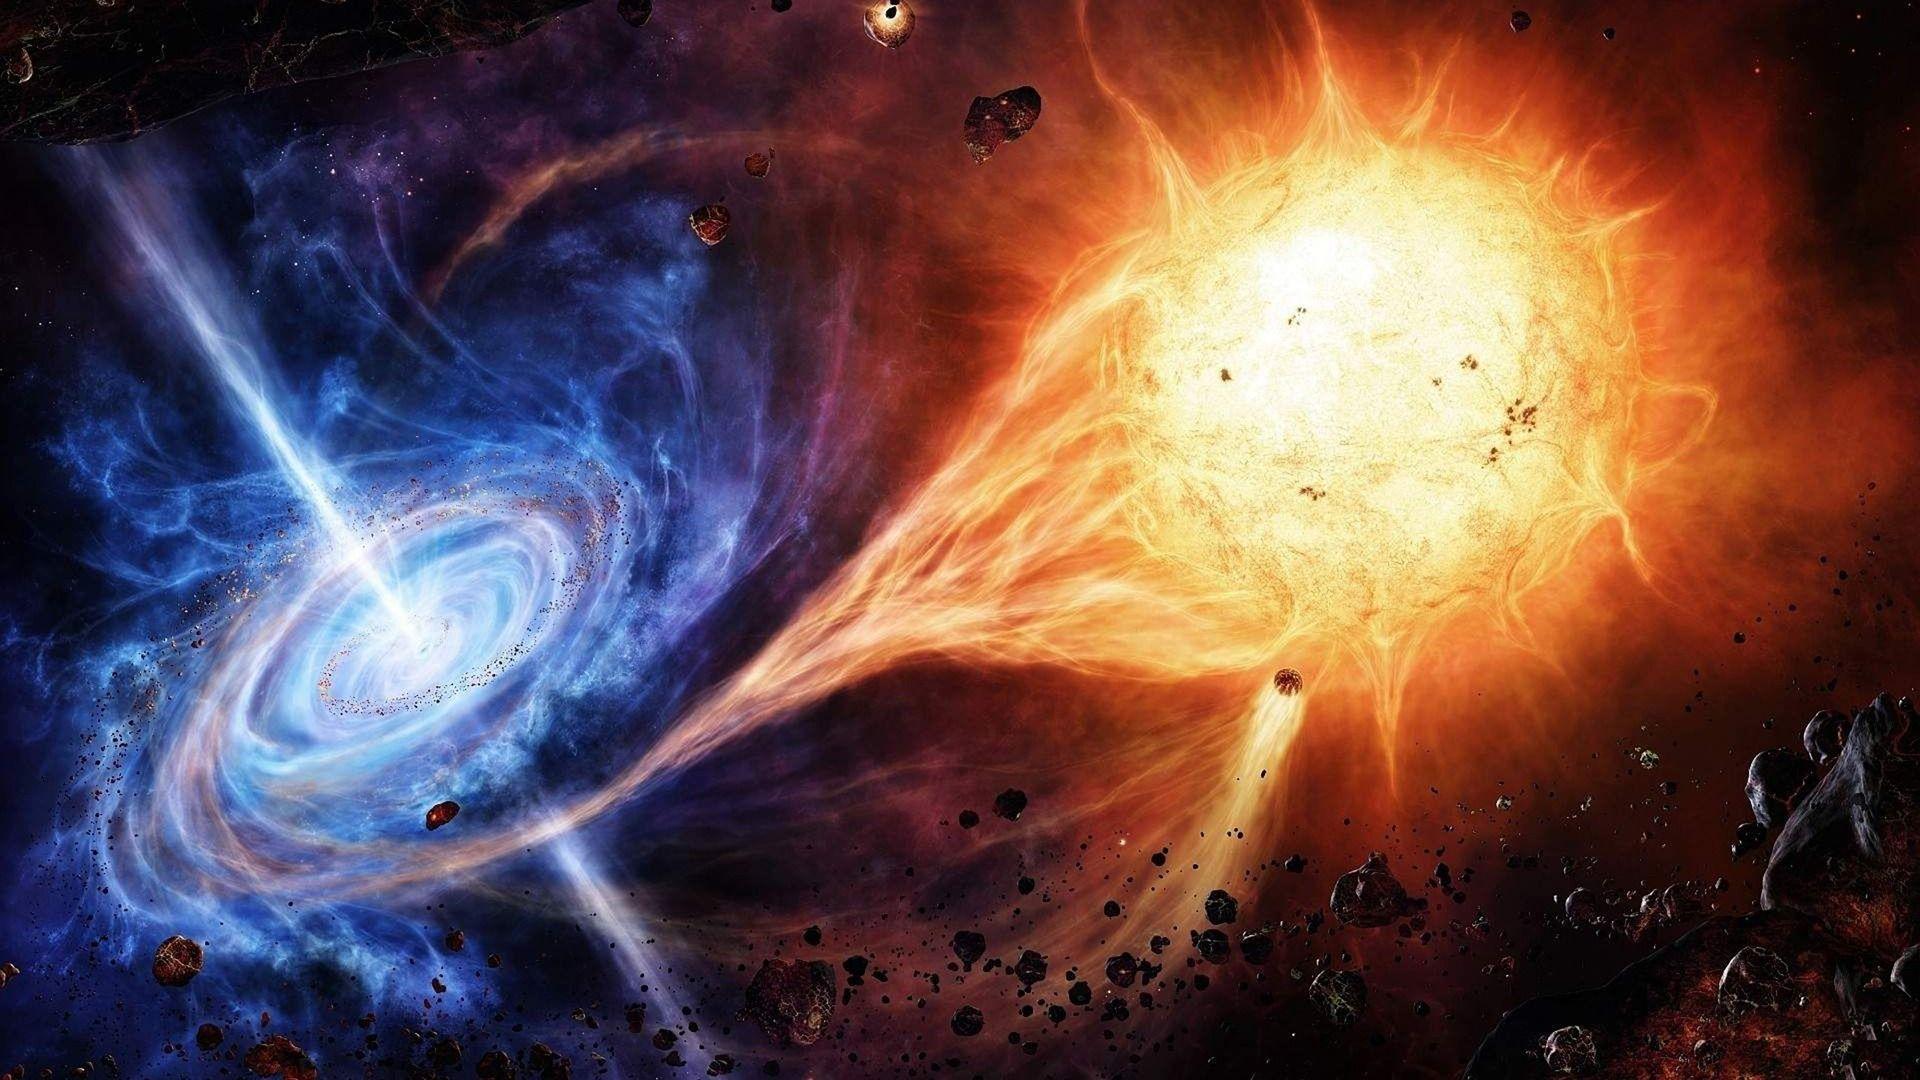 Universe Wallpaper 1920X1080 - wallpaper. | universe ...